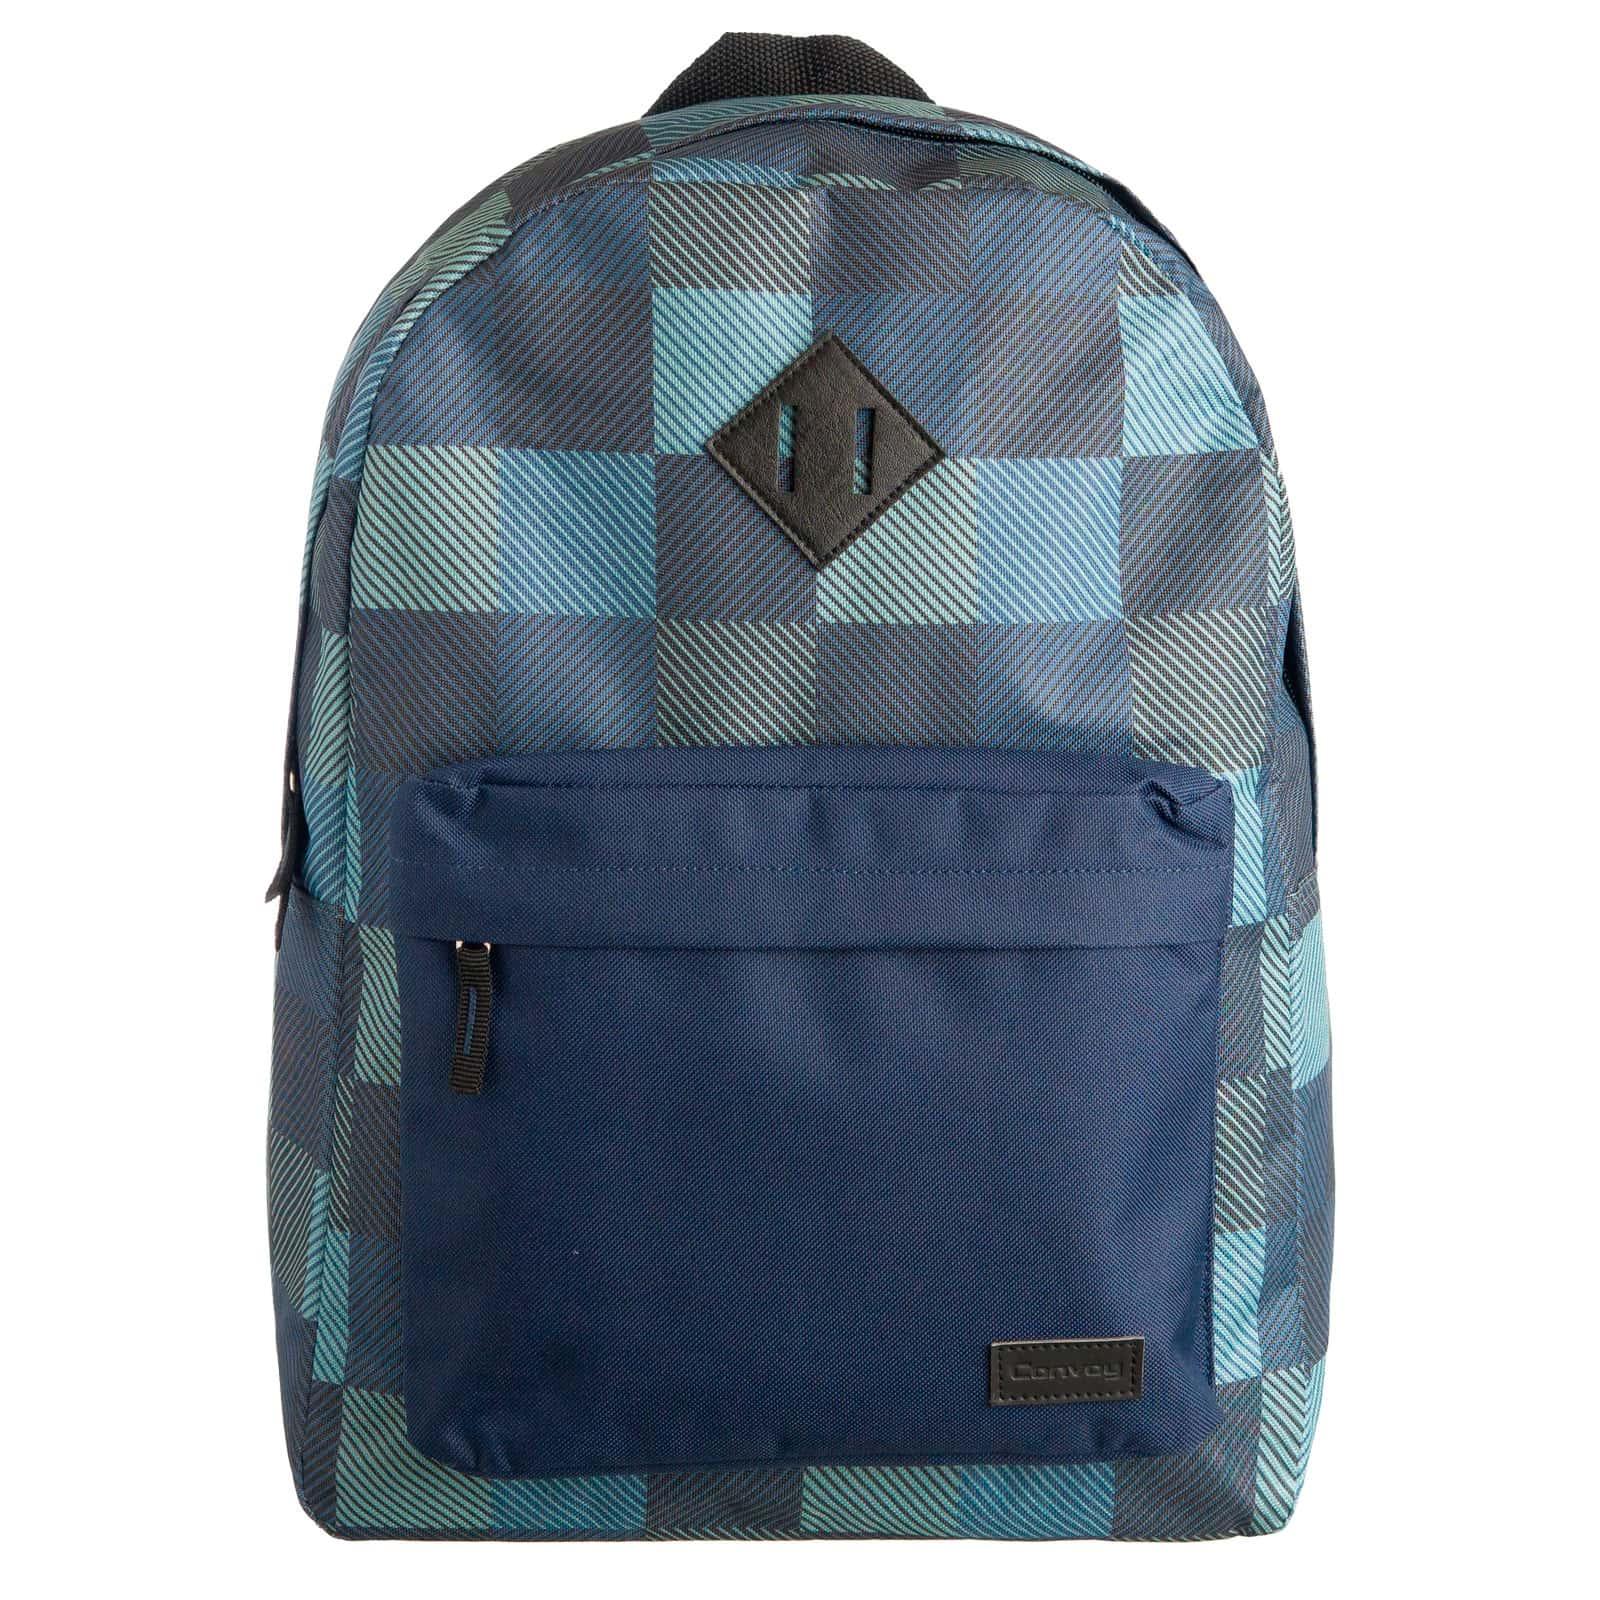 Mochila escolar xadrez azul/azul YS29134  Convoy